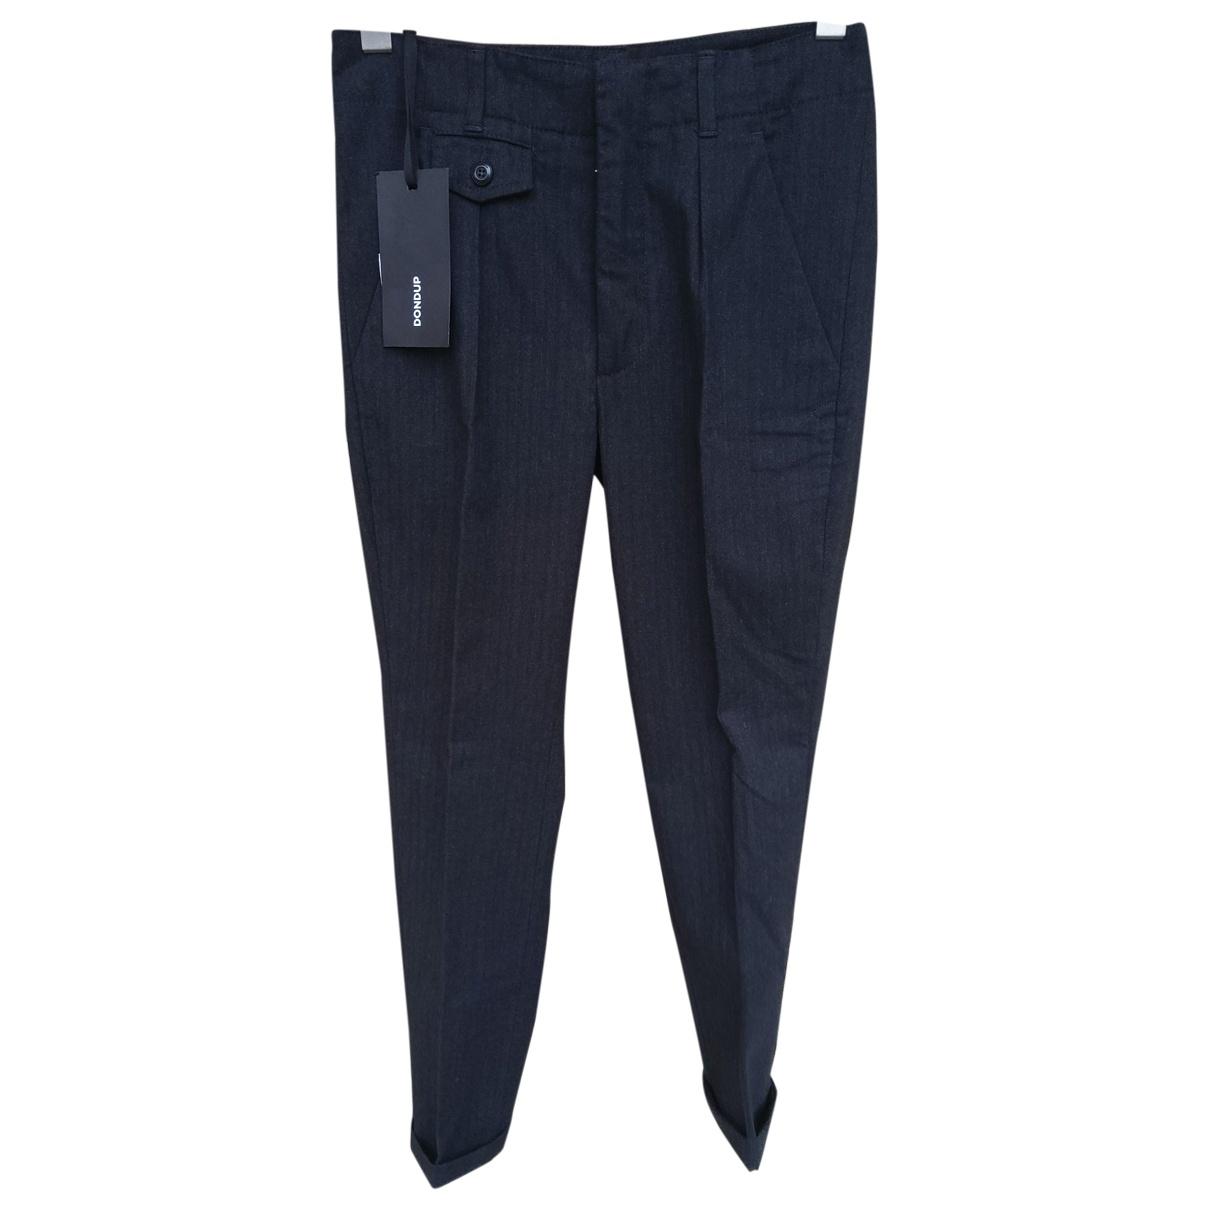 Dondup \N Black Trousers for Men S International